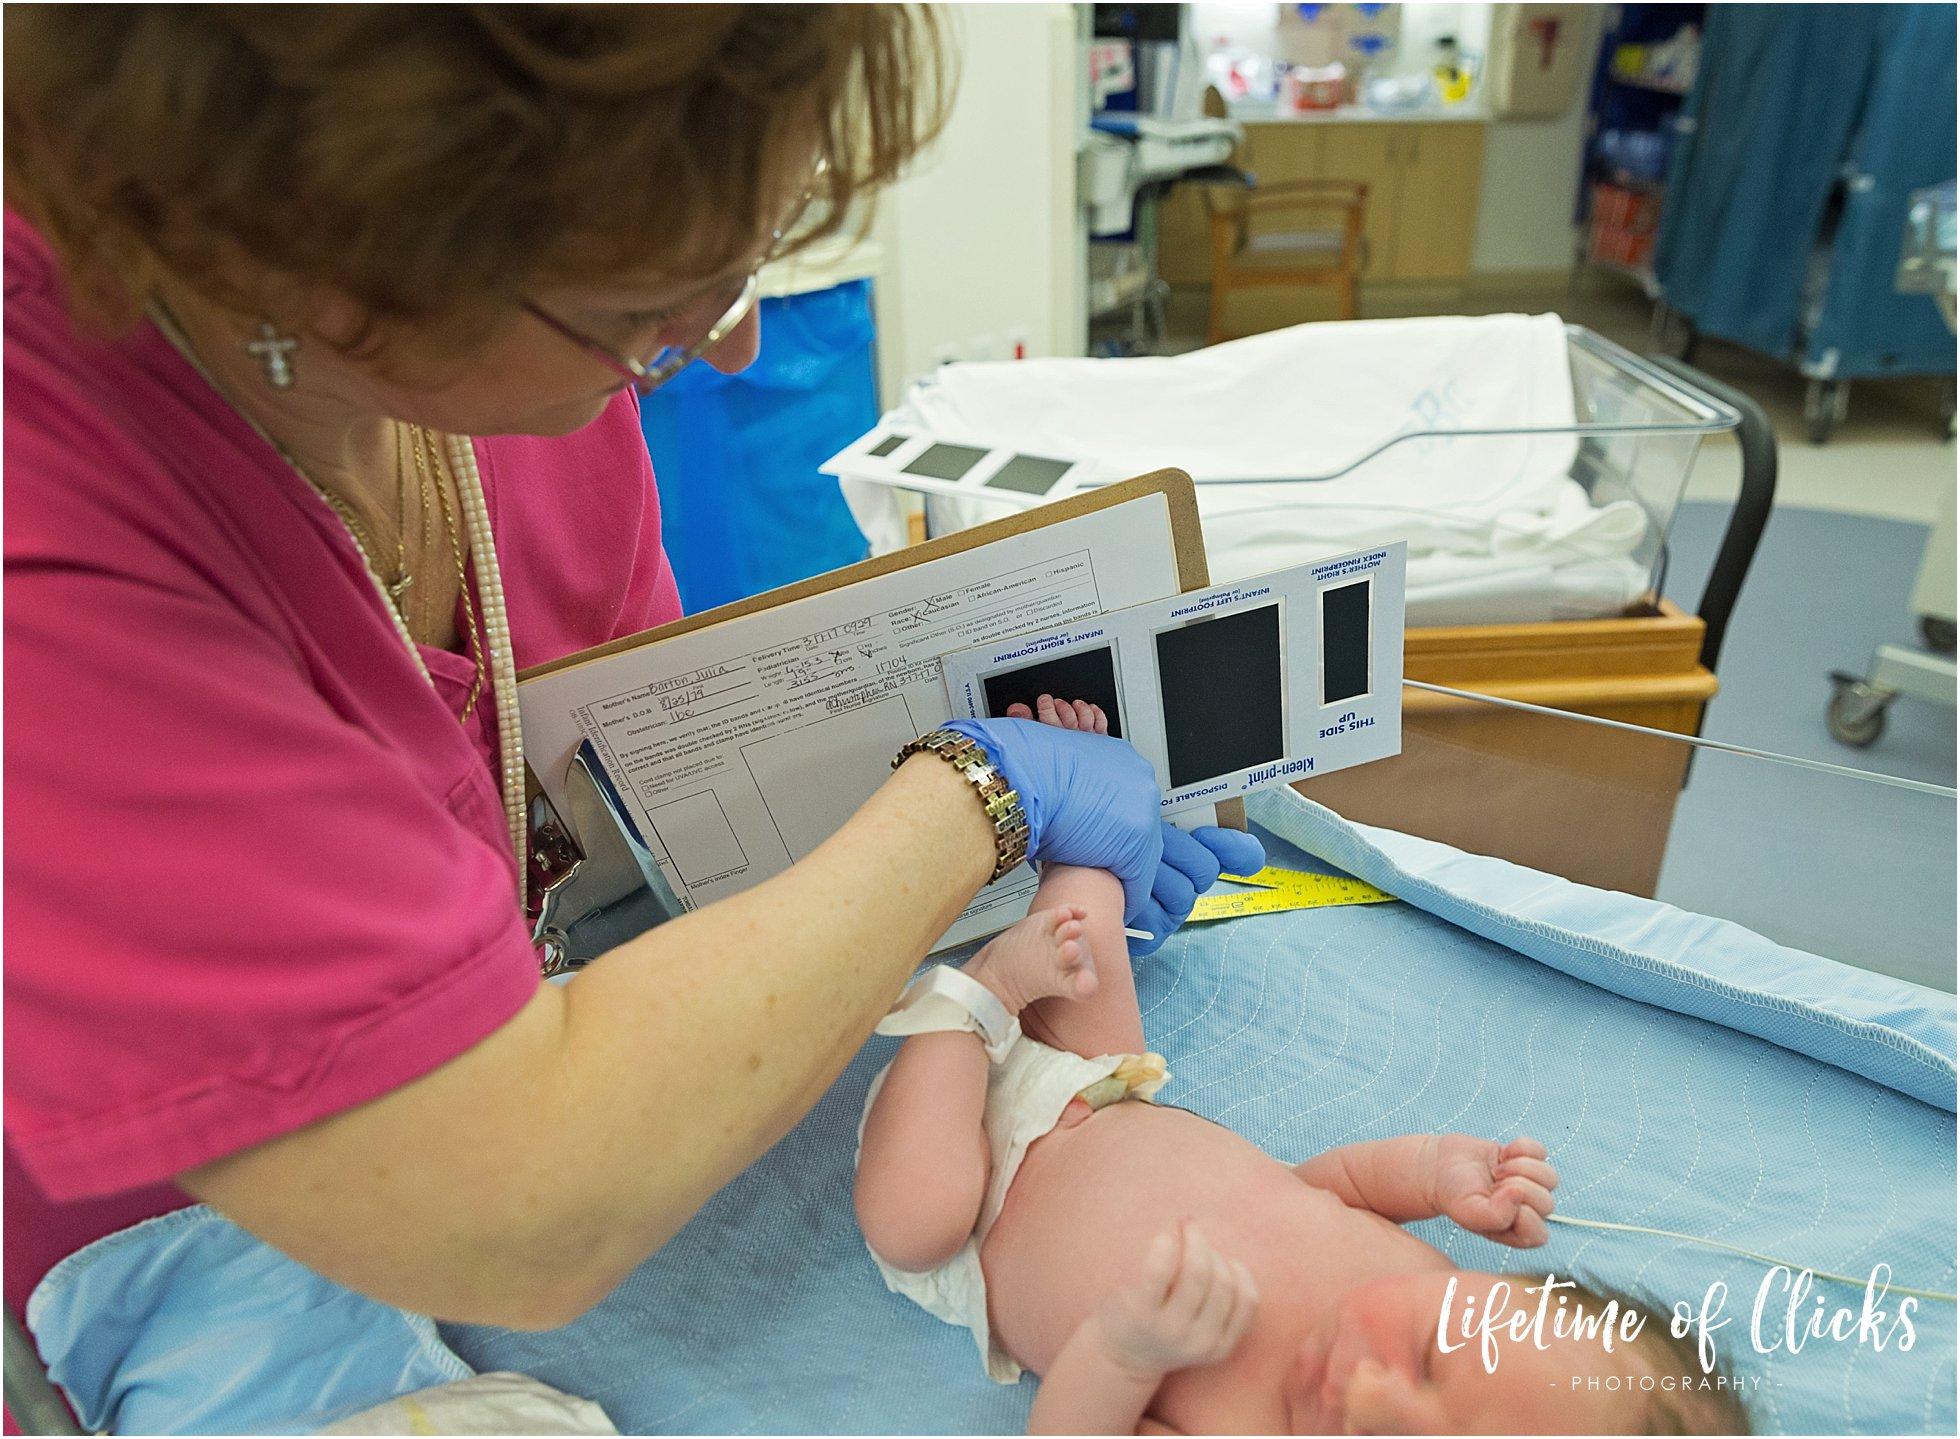 Nurse examines baby boy